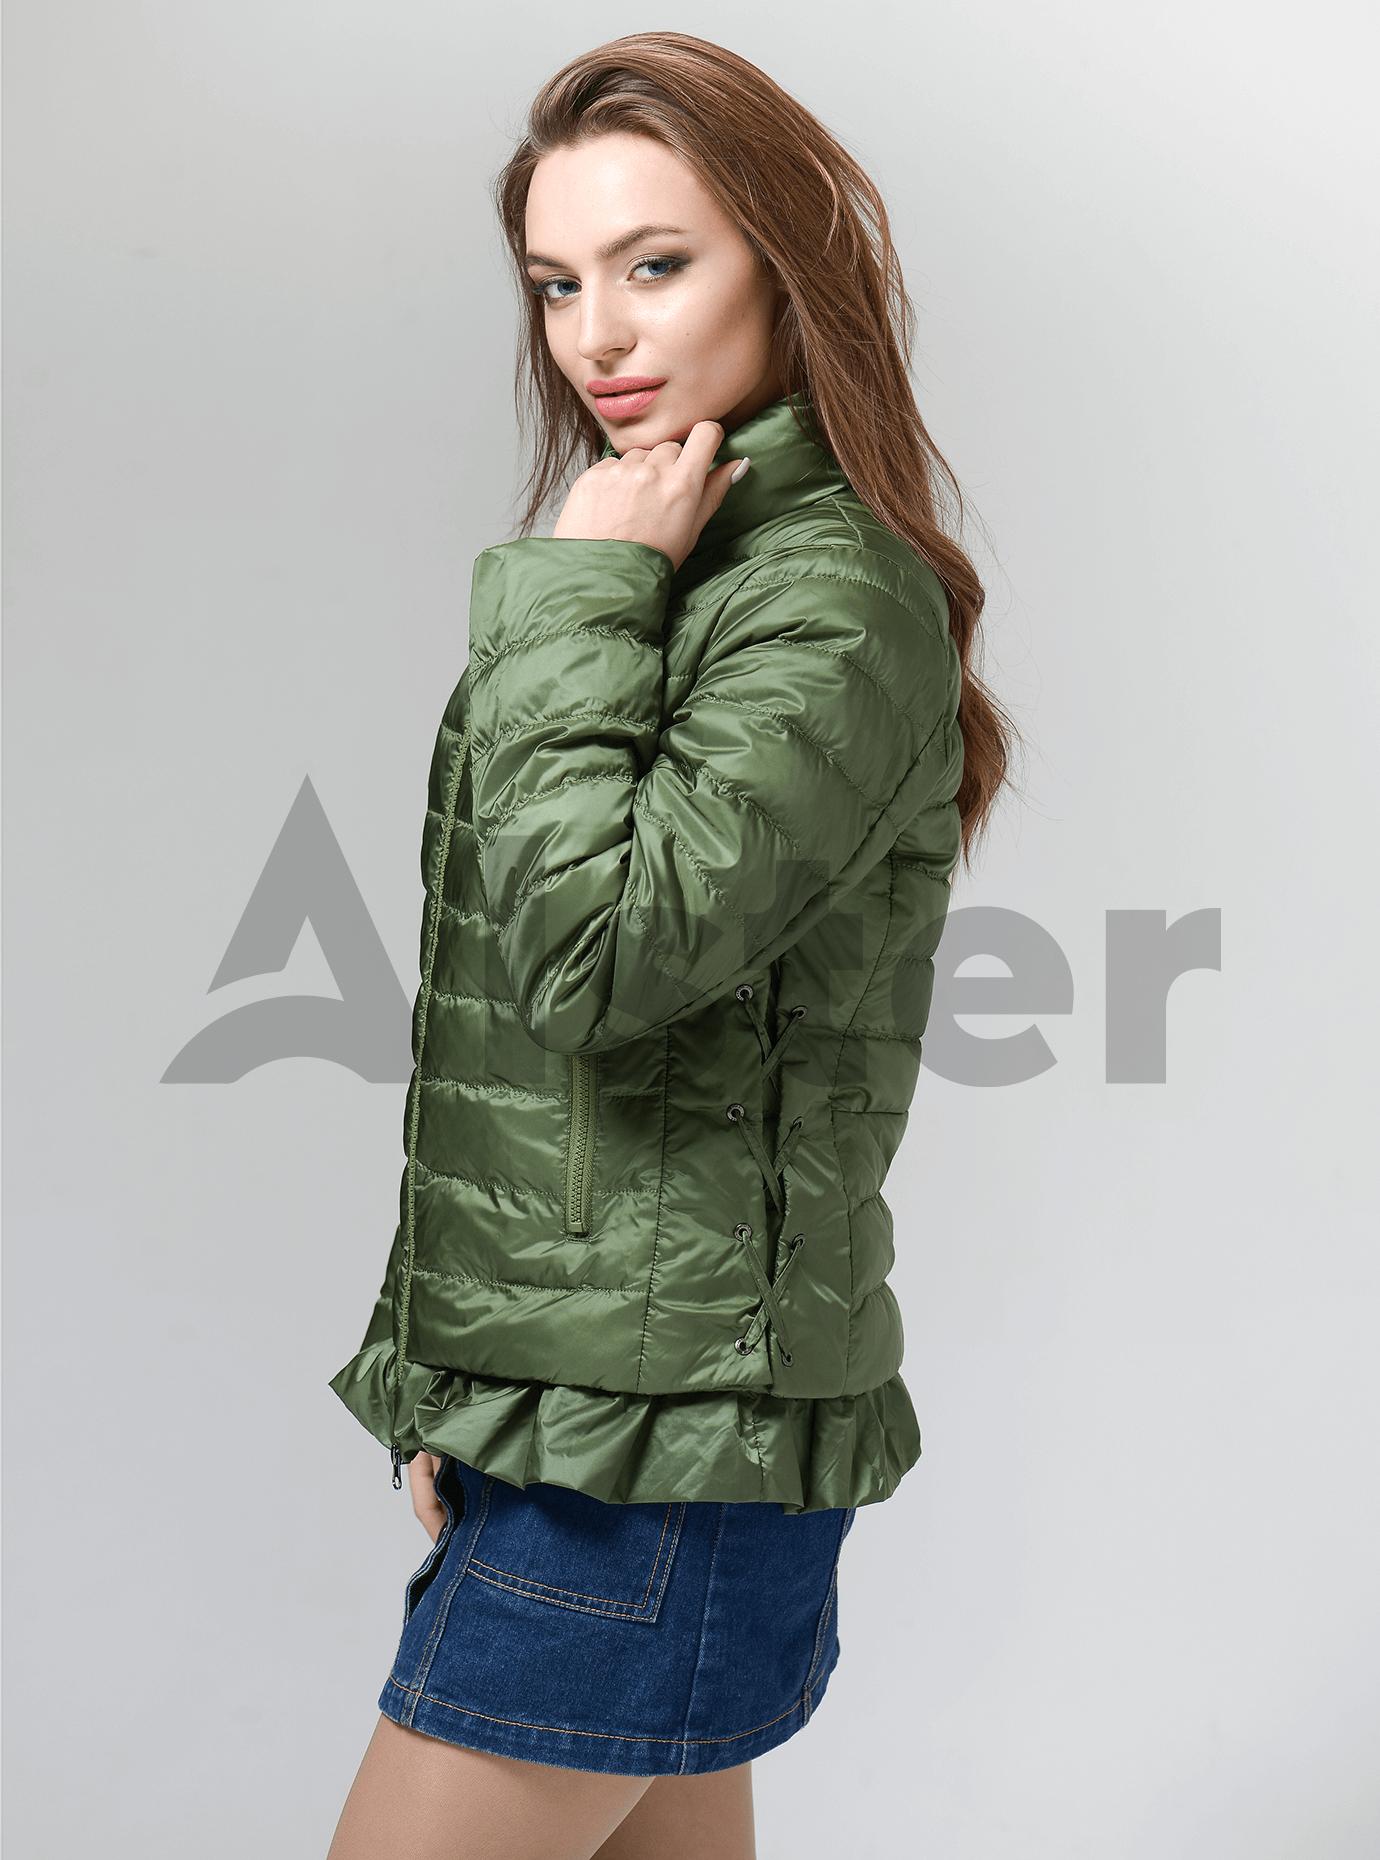 Куртка женская демисезонная короткая стёганная Голубой S (02-CD18002): фото - Alster.ua